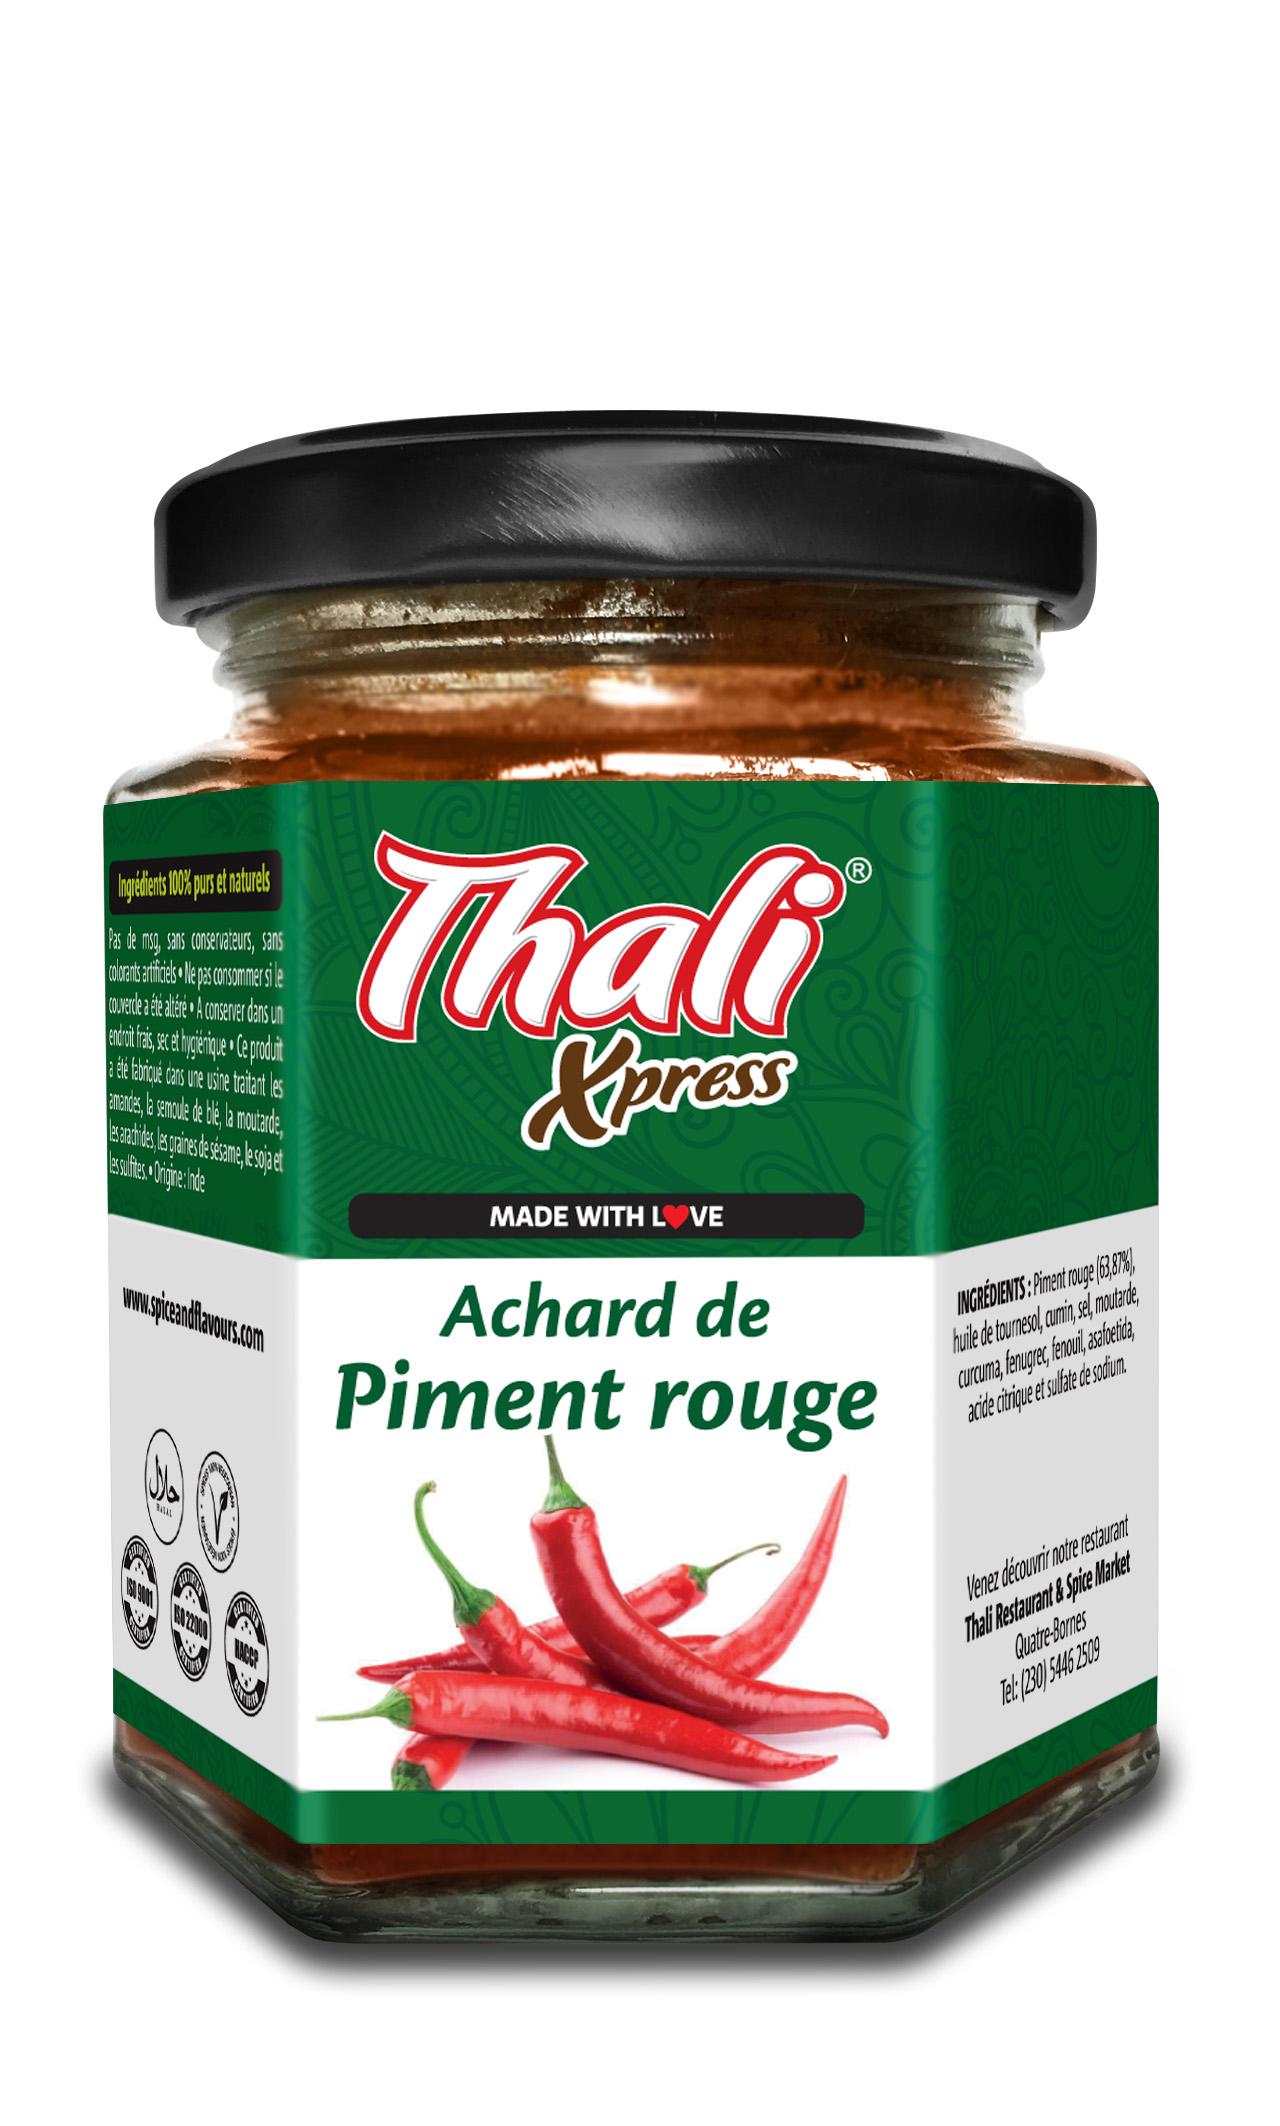 Achard de Piment Rouge Image